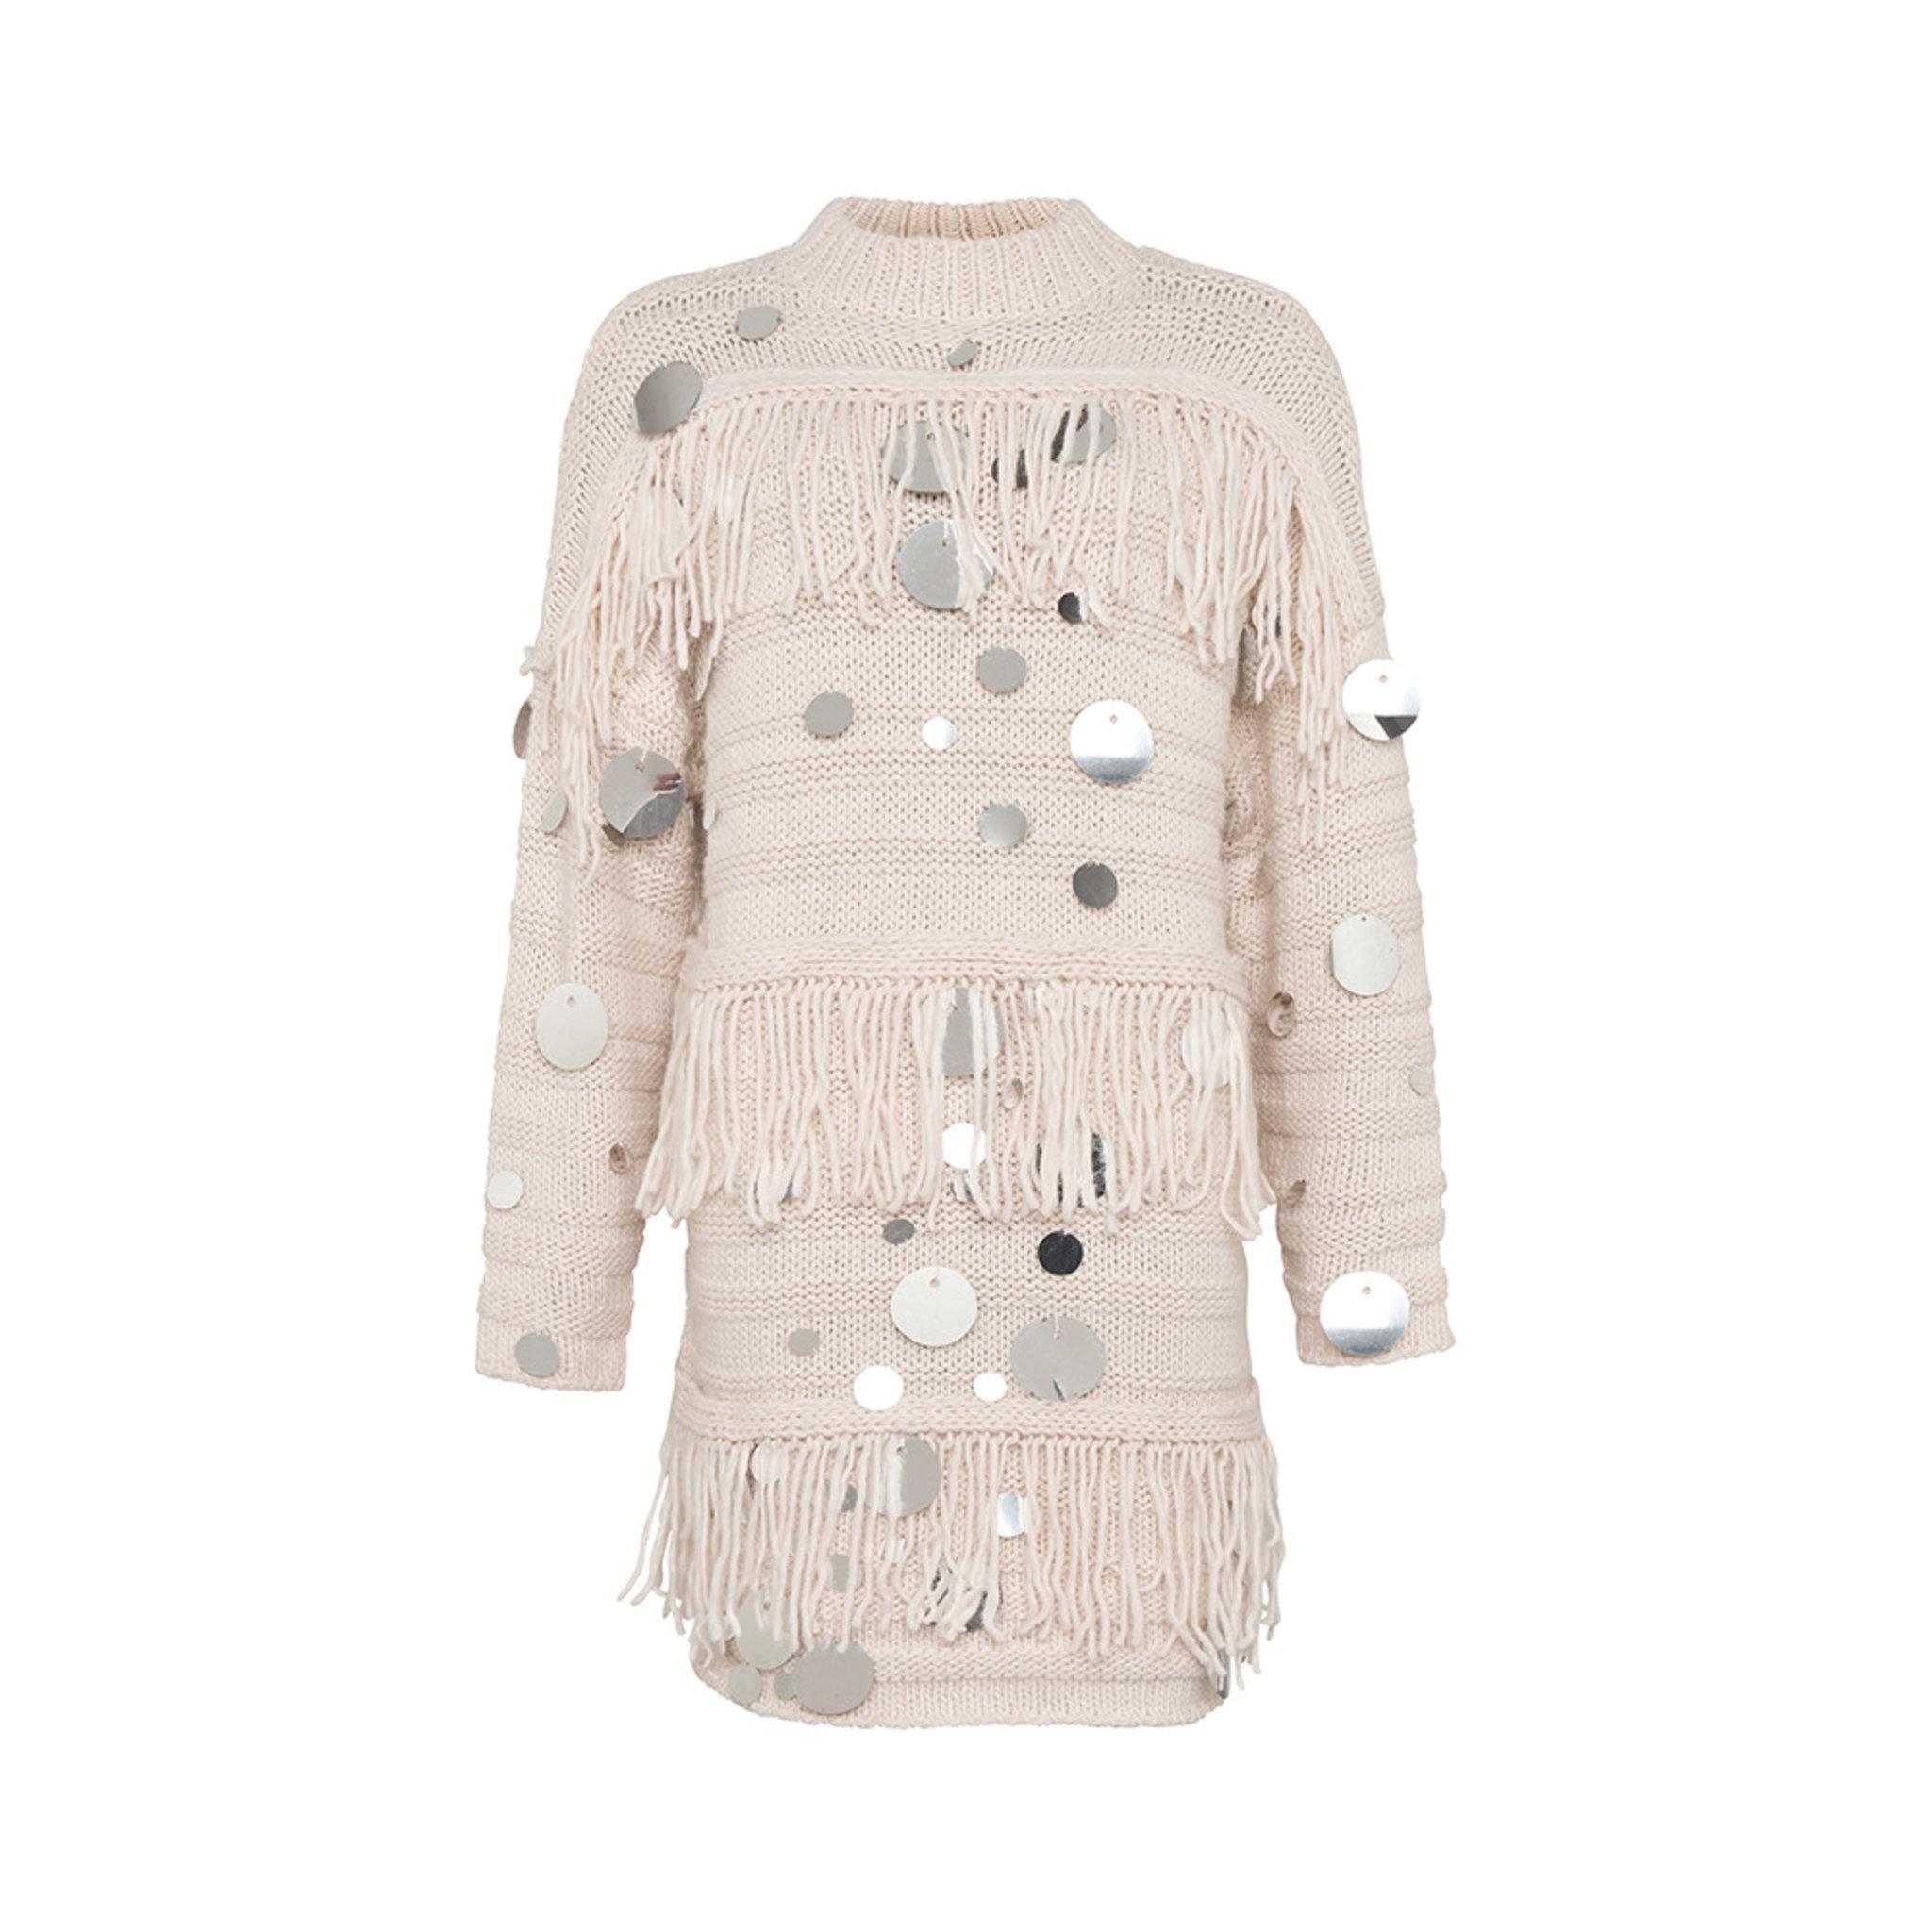 Zelda Exaggerated Sequin Dress - Tröjor   cardigans - Köp online på  åhlens.se! 2f61528da